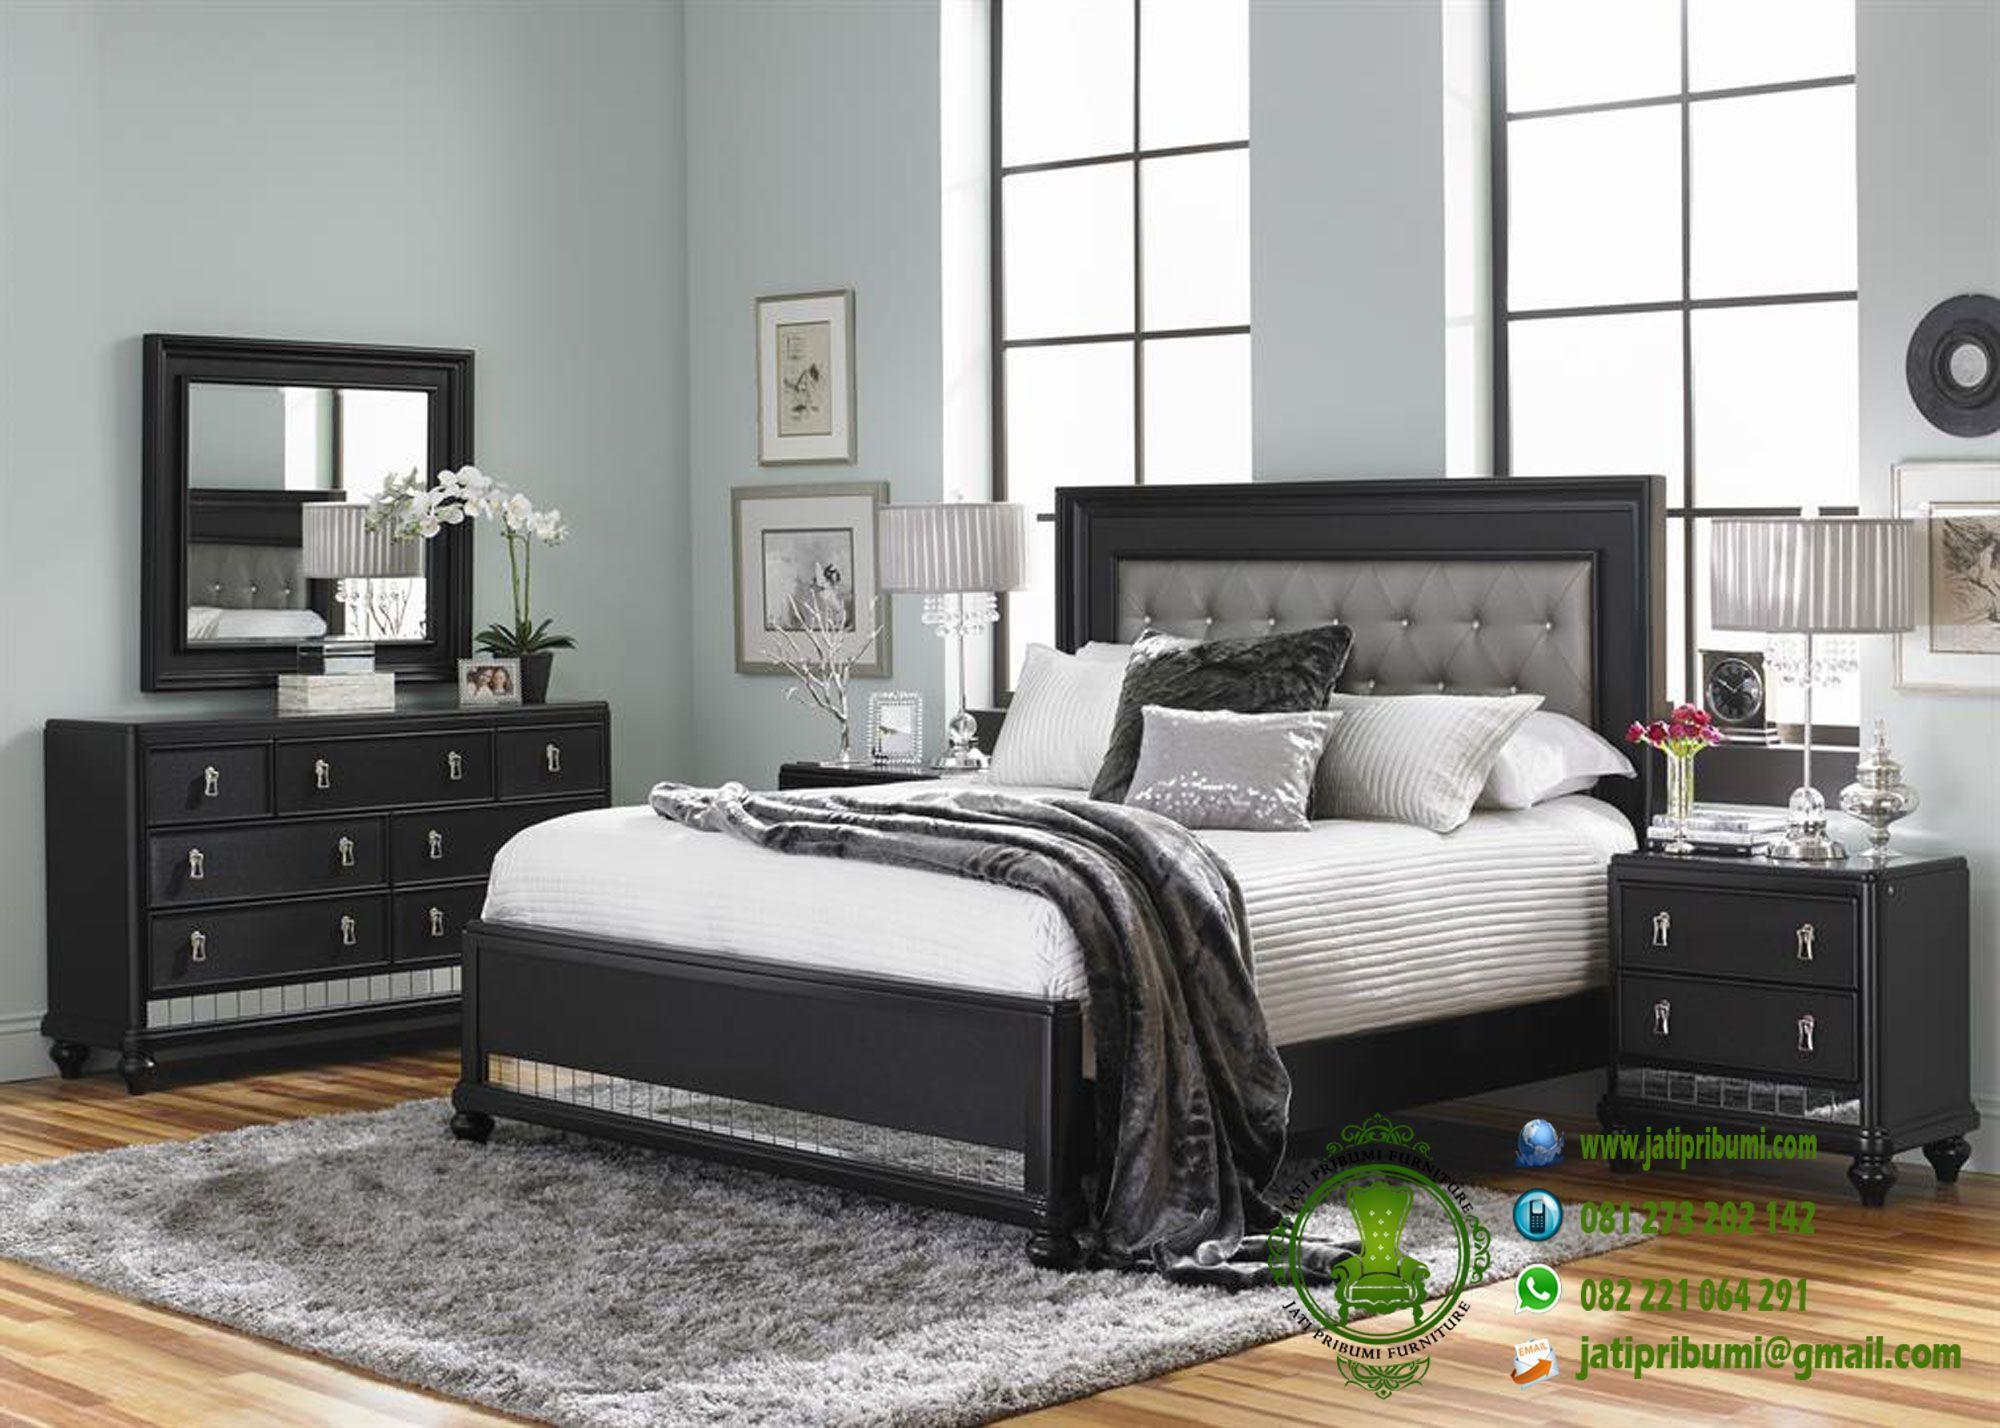 Set Tempat Tidur Minimalis Warna Hitam Jati Pribumi Set Kamar Tidur Ide Kamar Tidur Perabot Kamar Tidur Black queen bedroom set